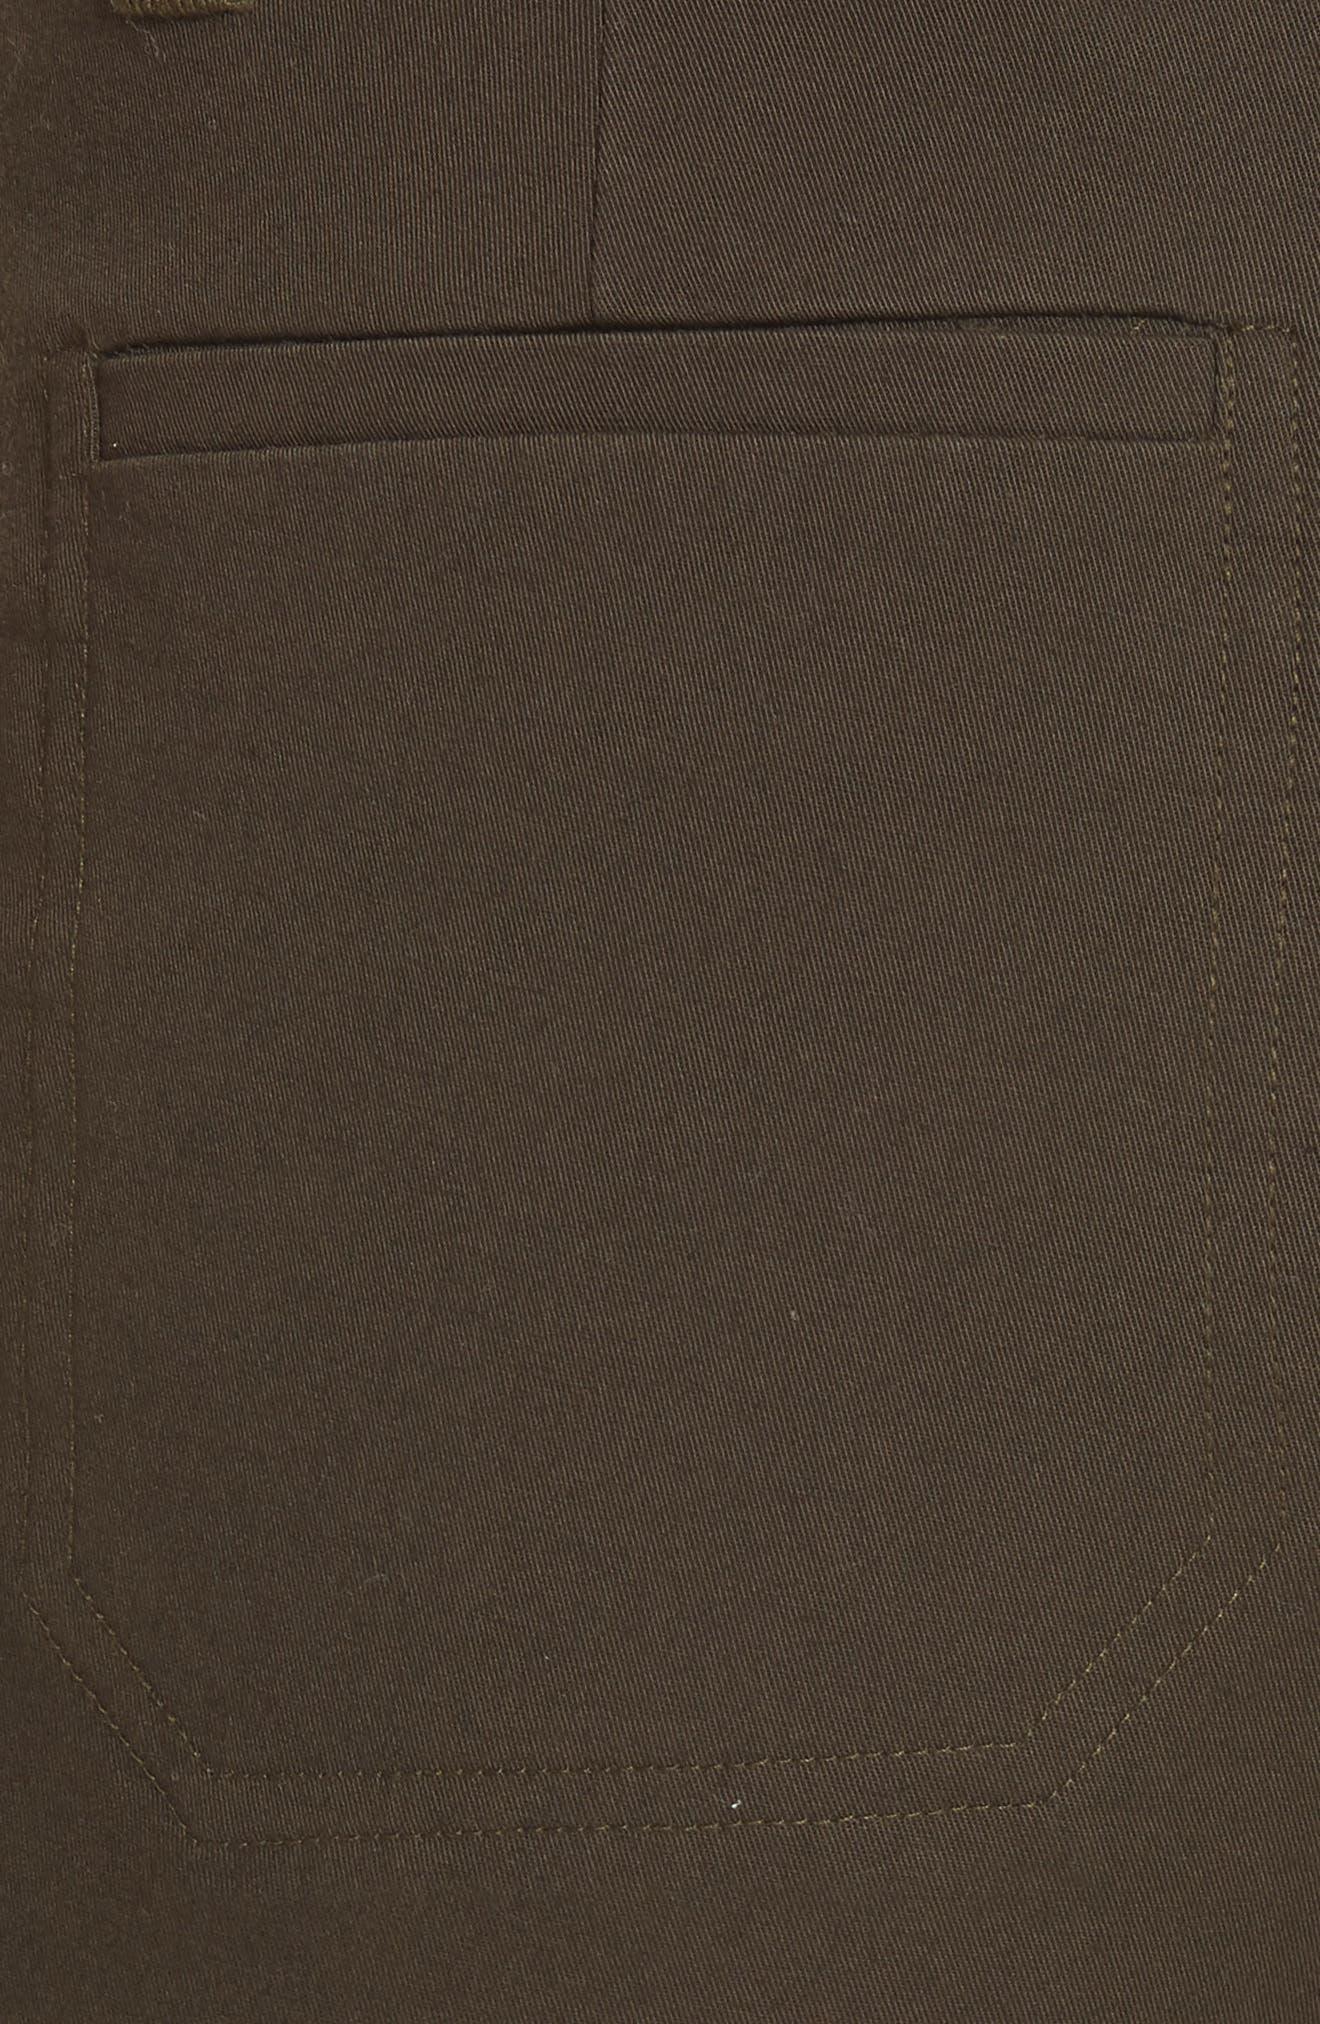 Coin Pocket Bermuda Shorts,                             Alternate thumbnail 5, color,                             Pinon Green